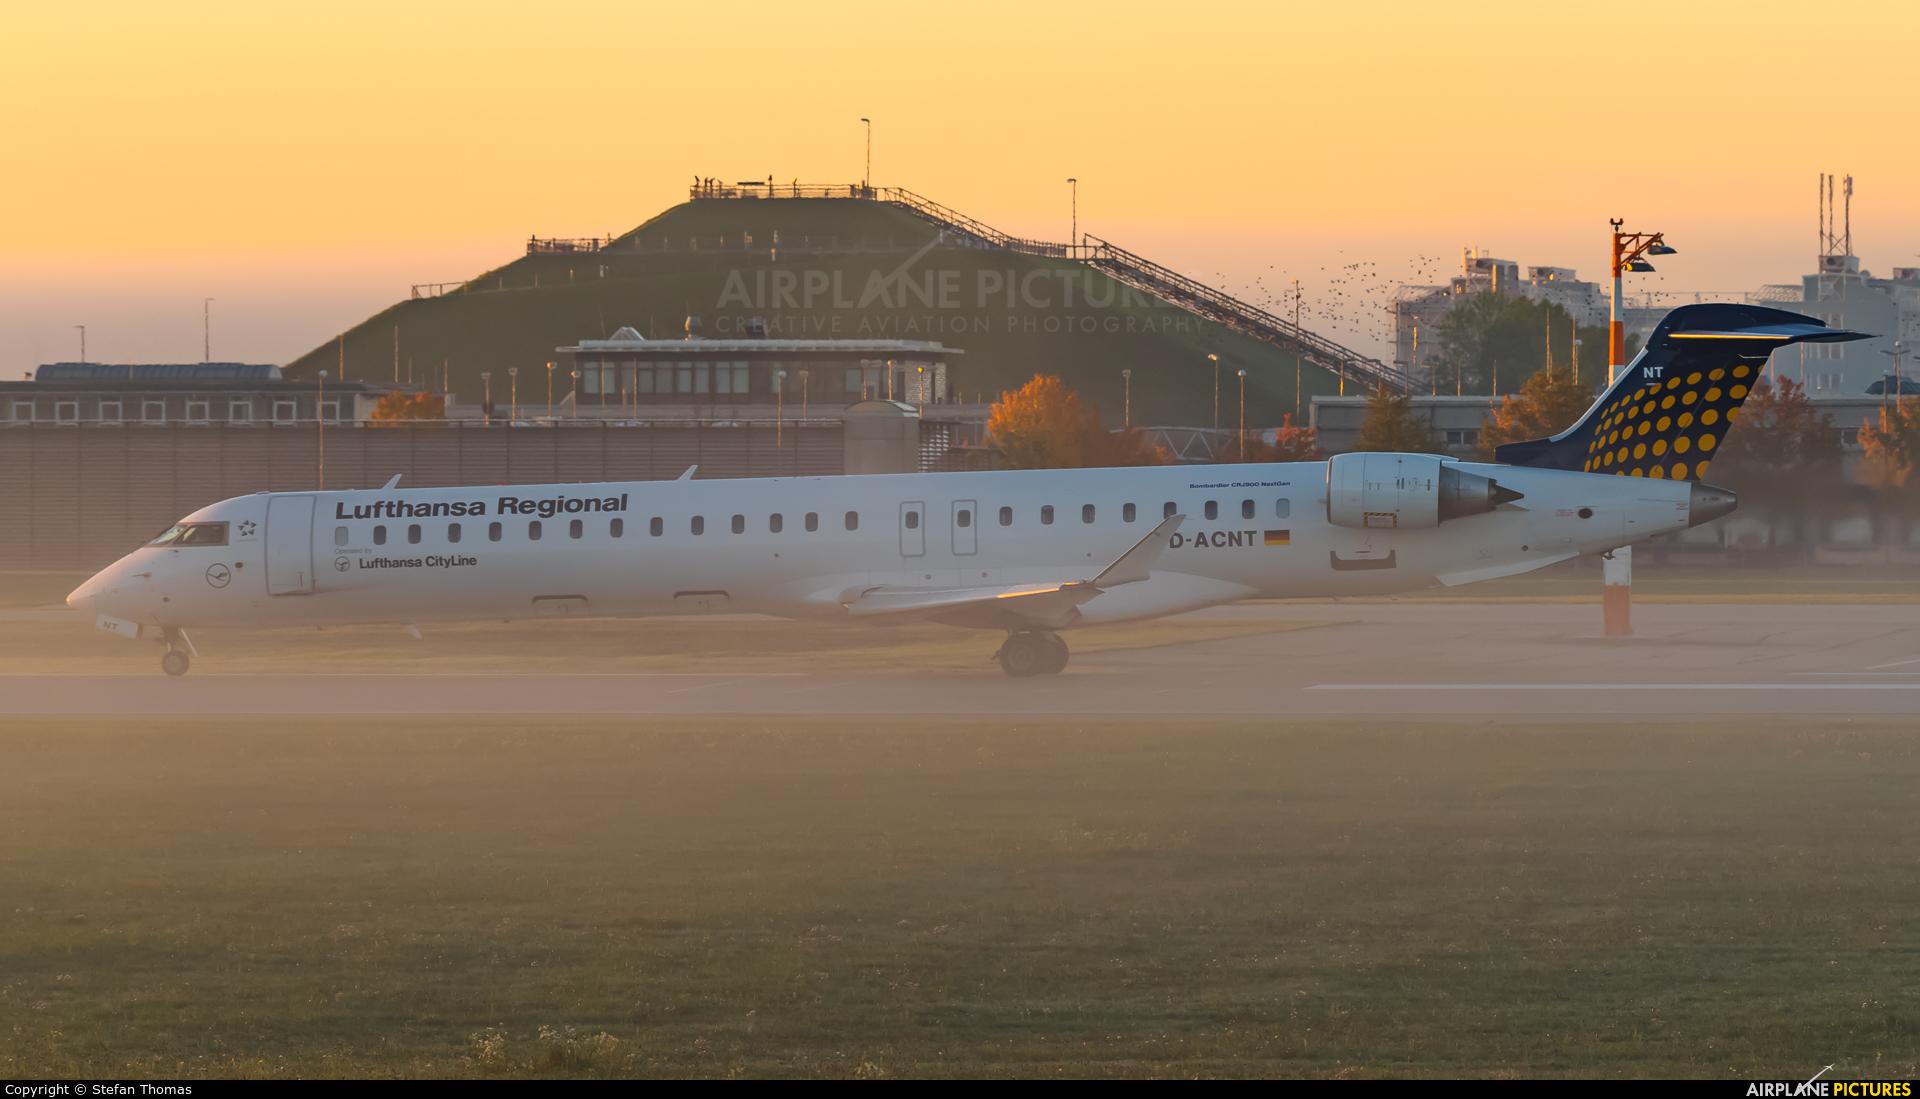 Lufthansa Regional - CityLine D-ACNT aircraft at Munich